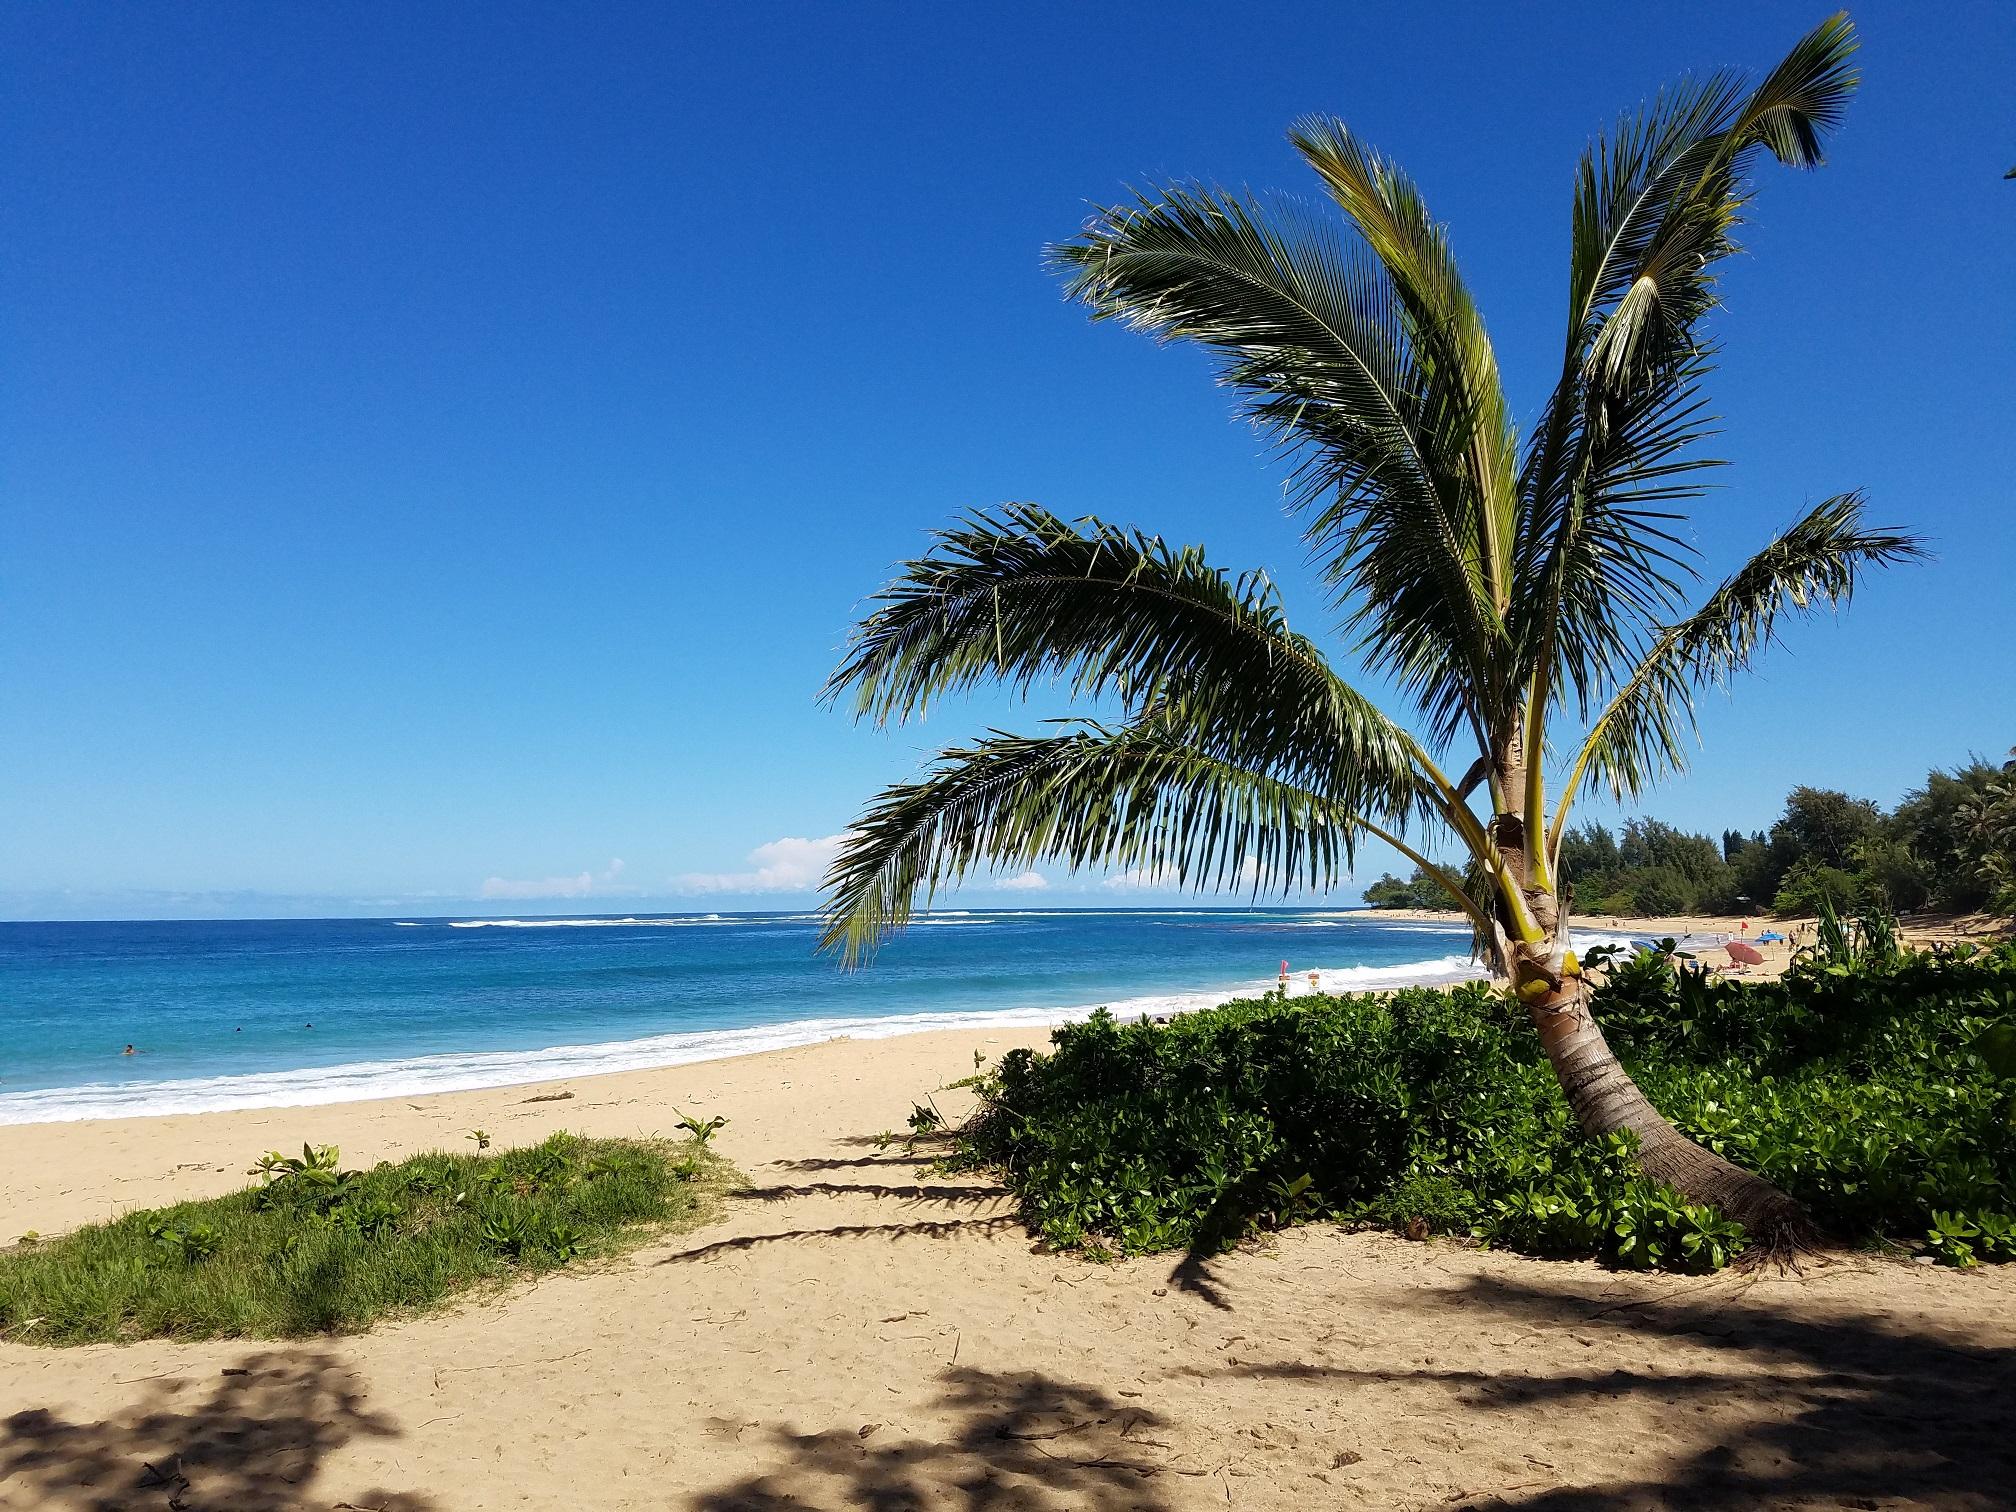 Maniniholo beach